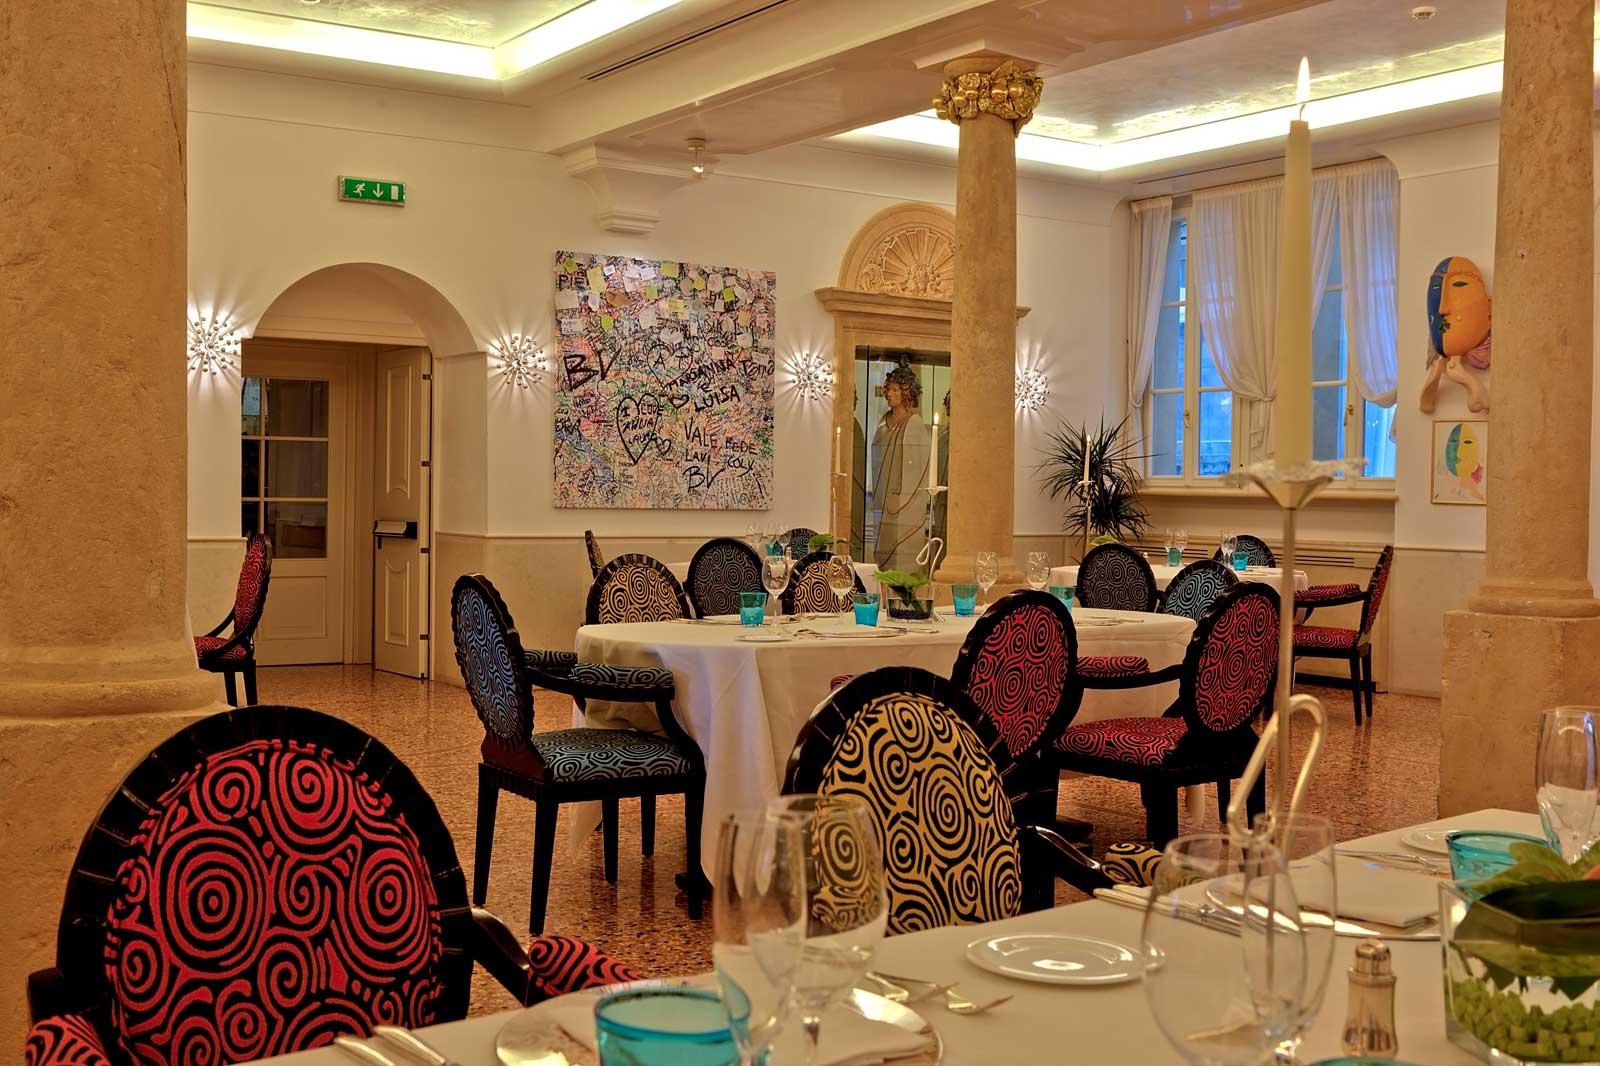 Byblos art hotel Villa Amistà Verona Italie : Atelier restaurant